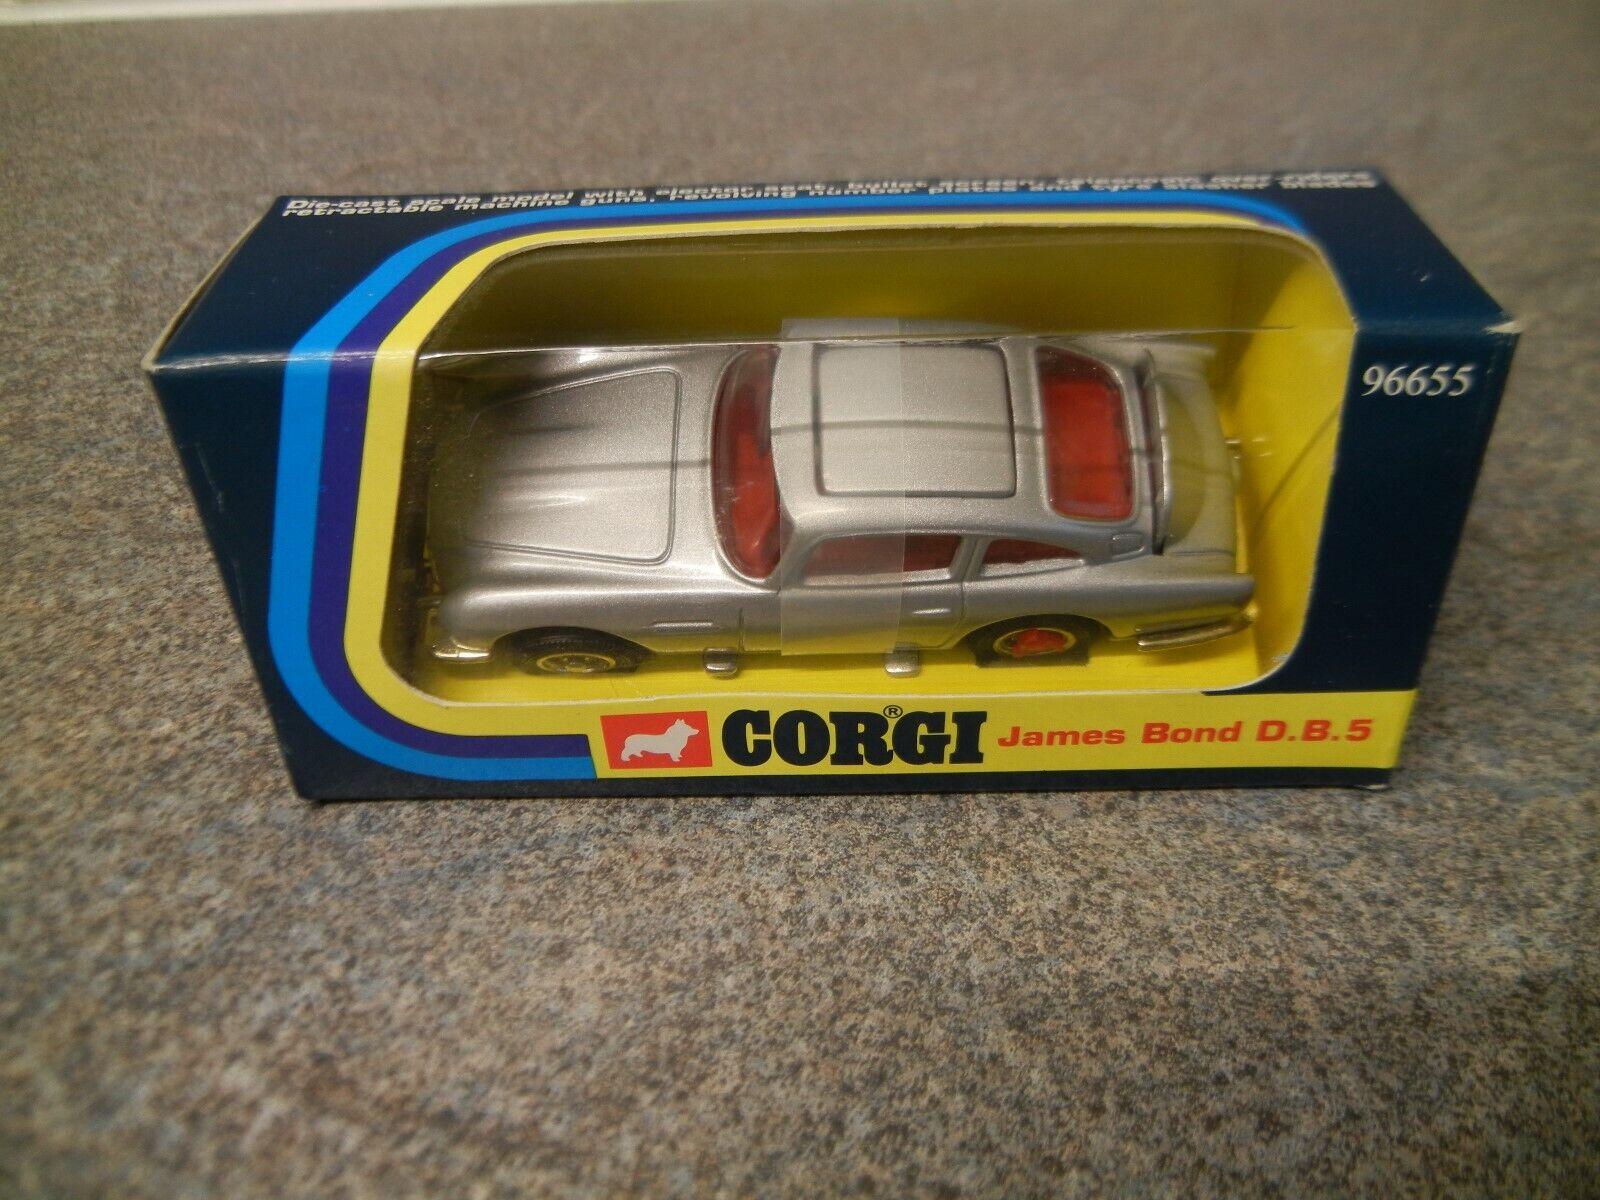 Corgi James Bond Aston Martin DB5 Car  96655  MINT & BOXED  1995